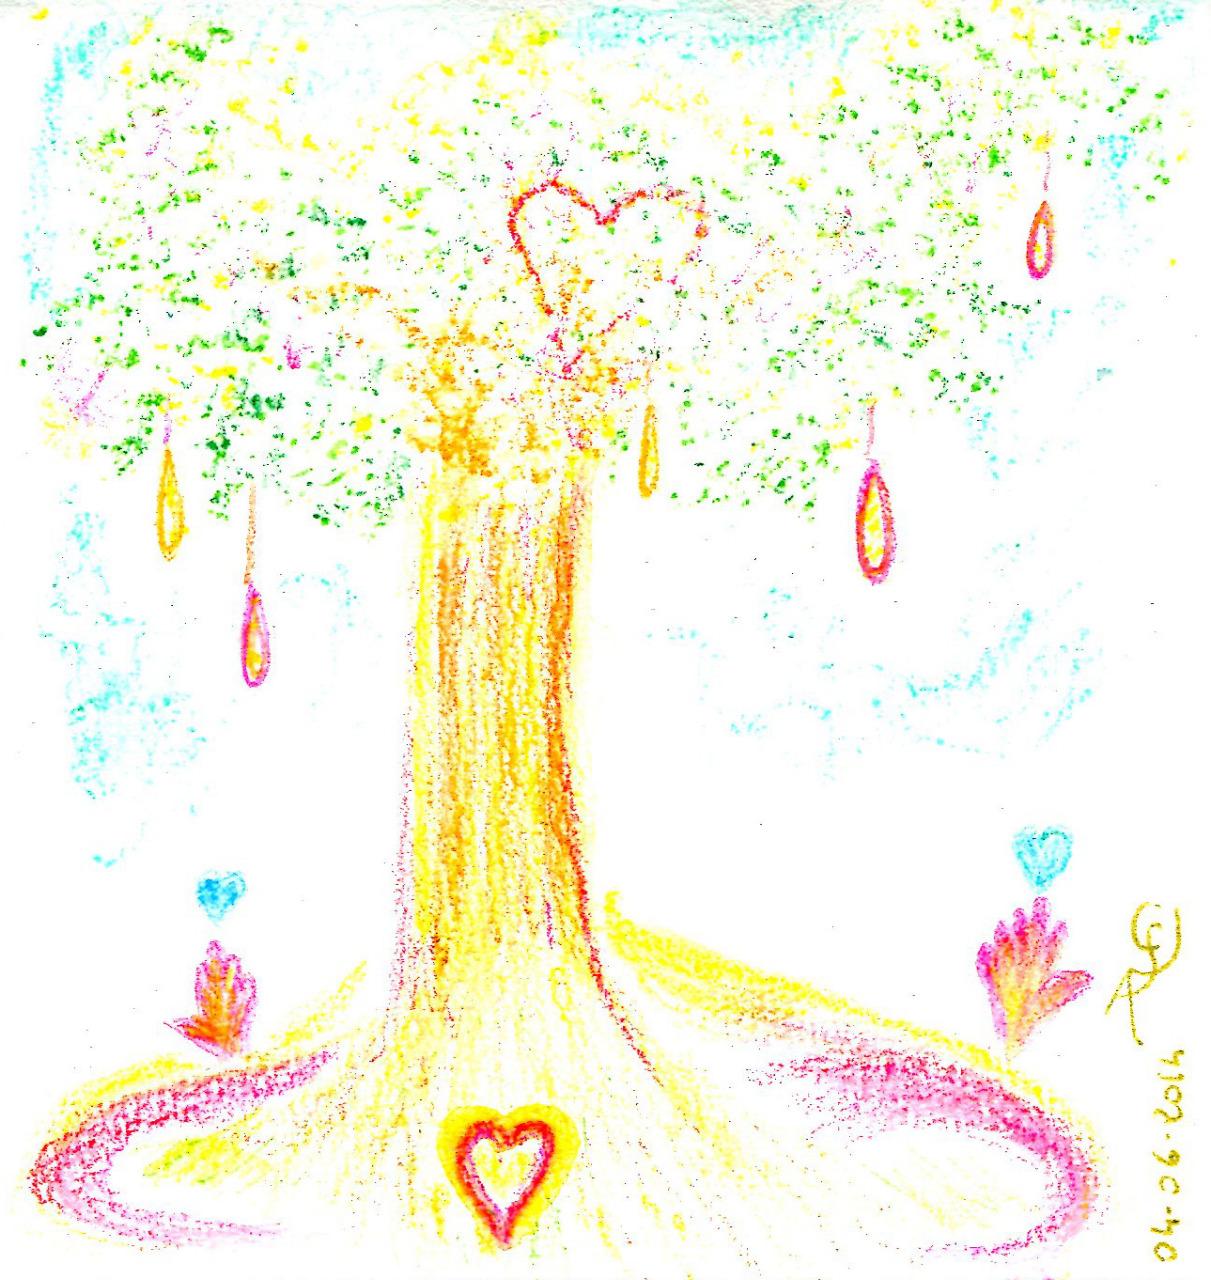 L'Arbre de Paix - Dessin de SL Christ